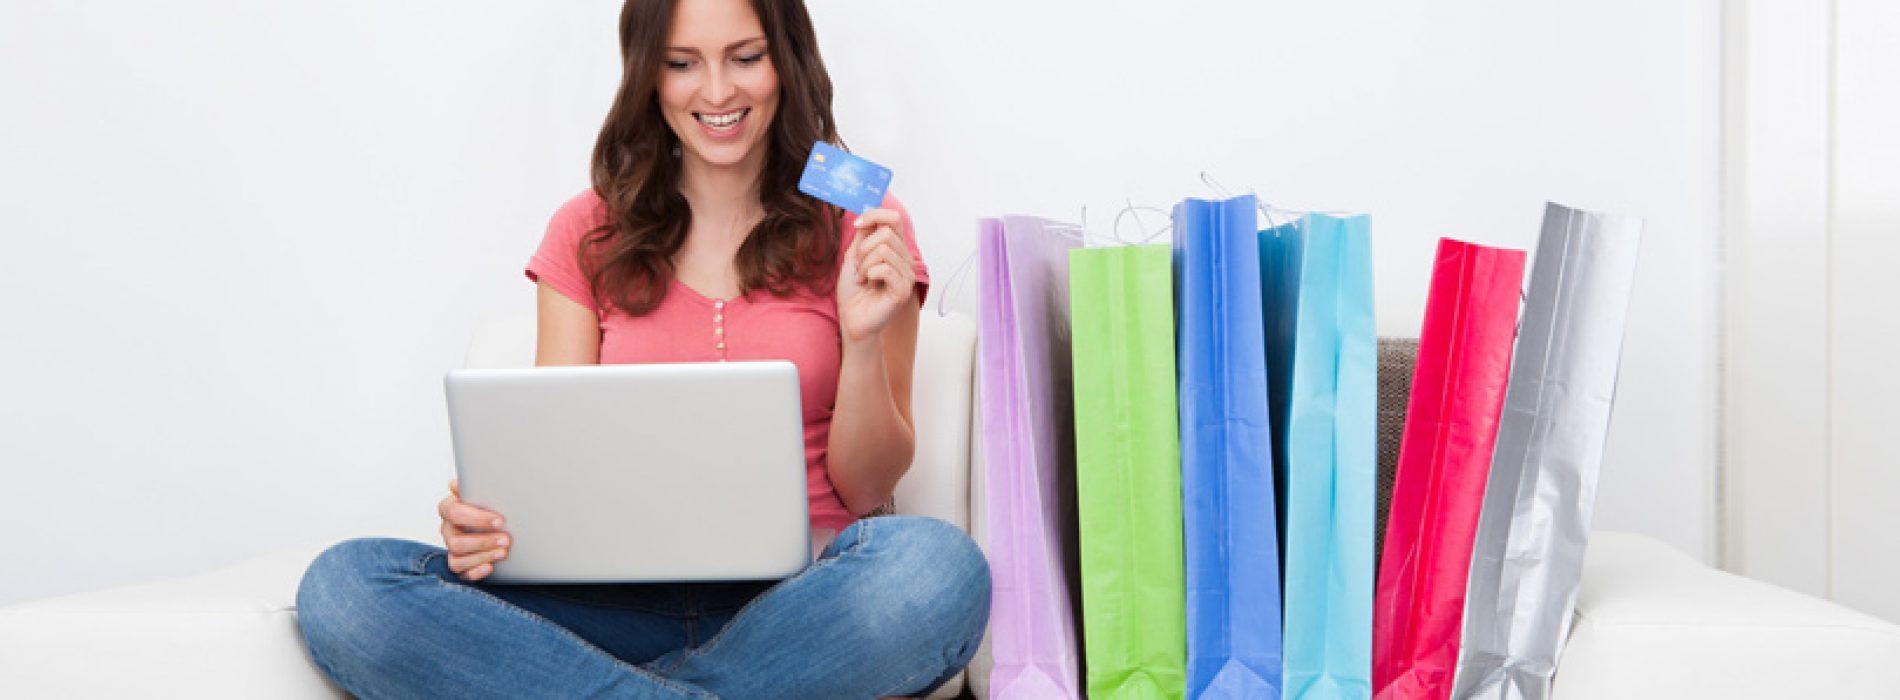 Alışverişte İnternet mi Mağaza mı Araştırması Sonuçlandı